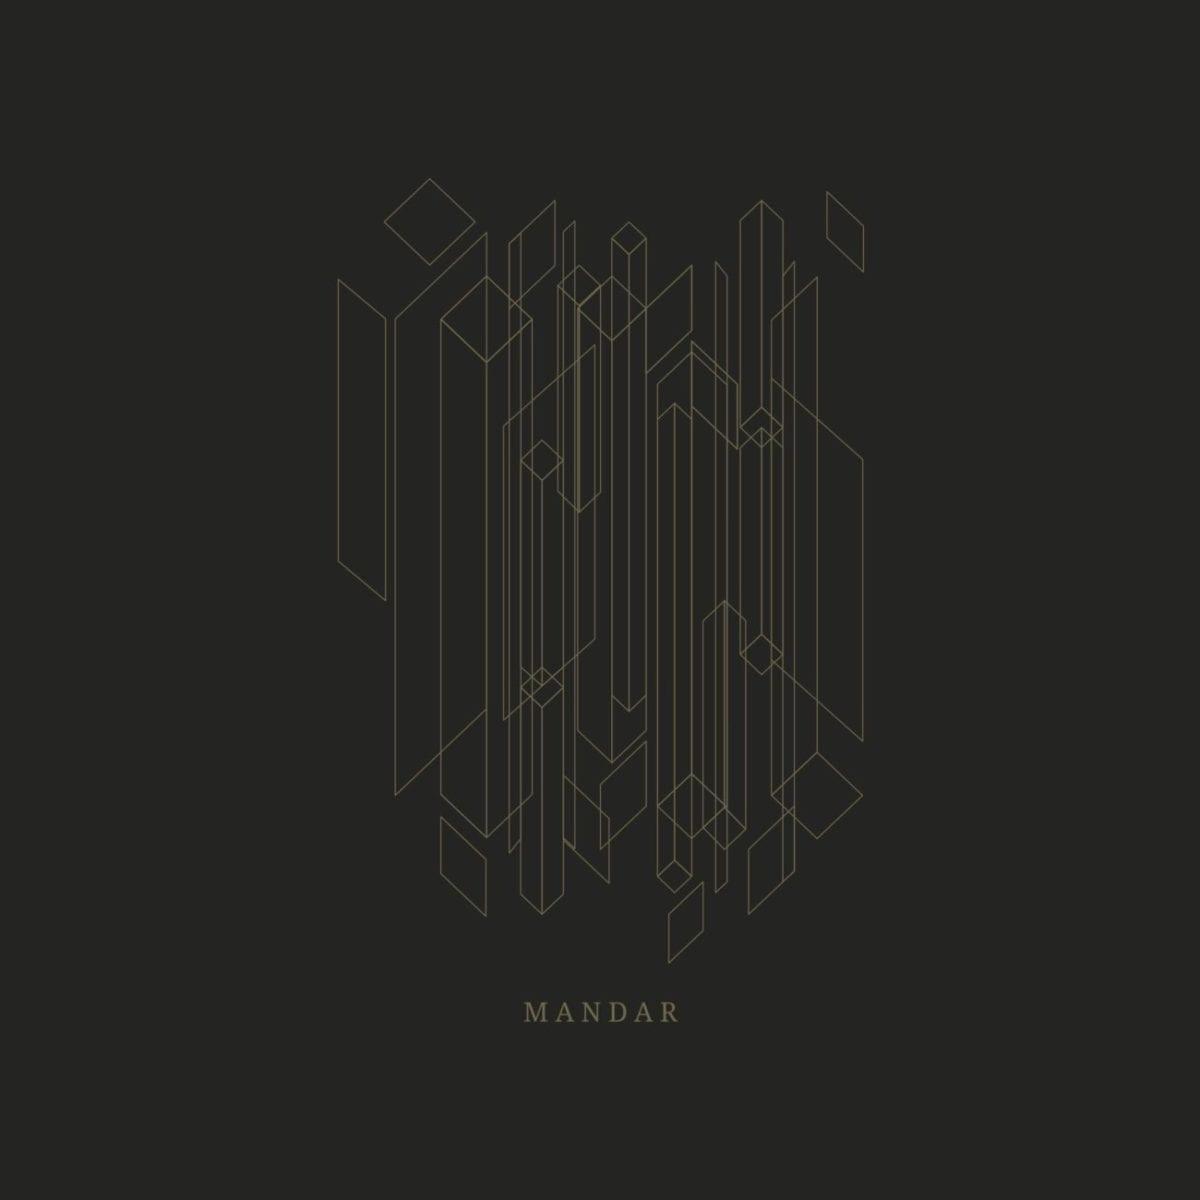 Mandar-Album_Front